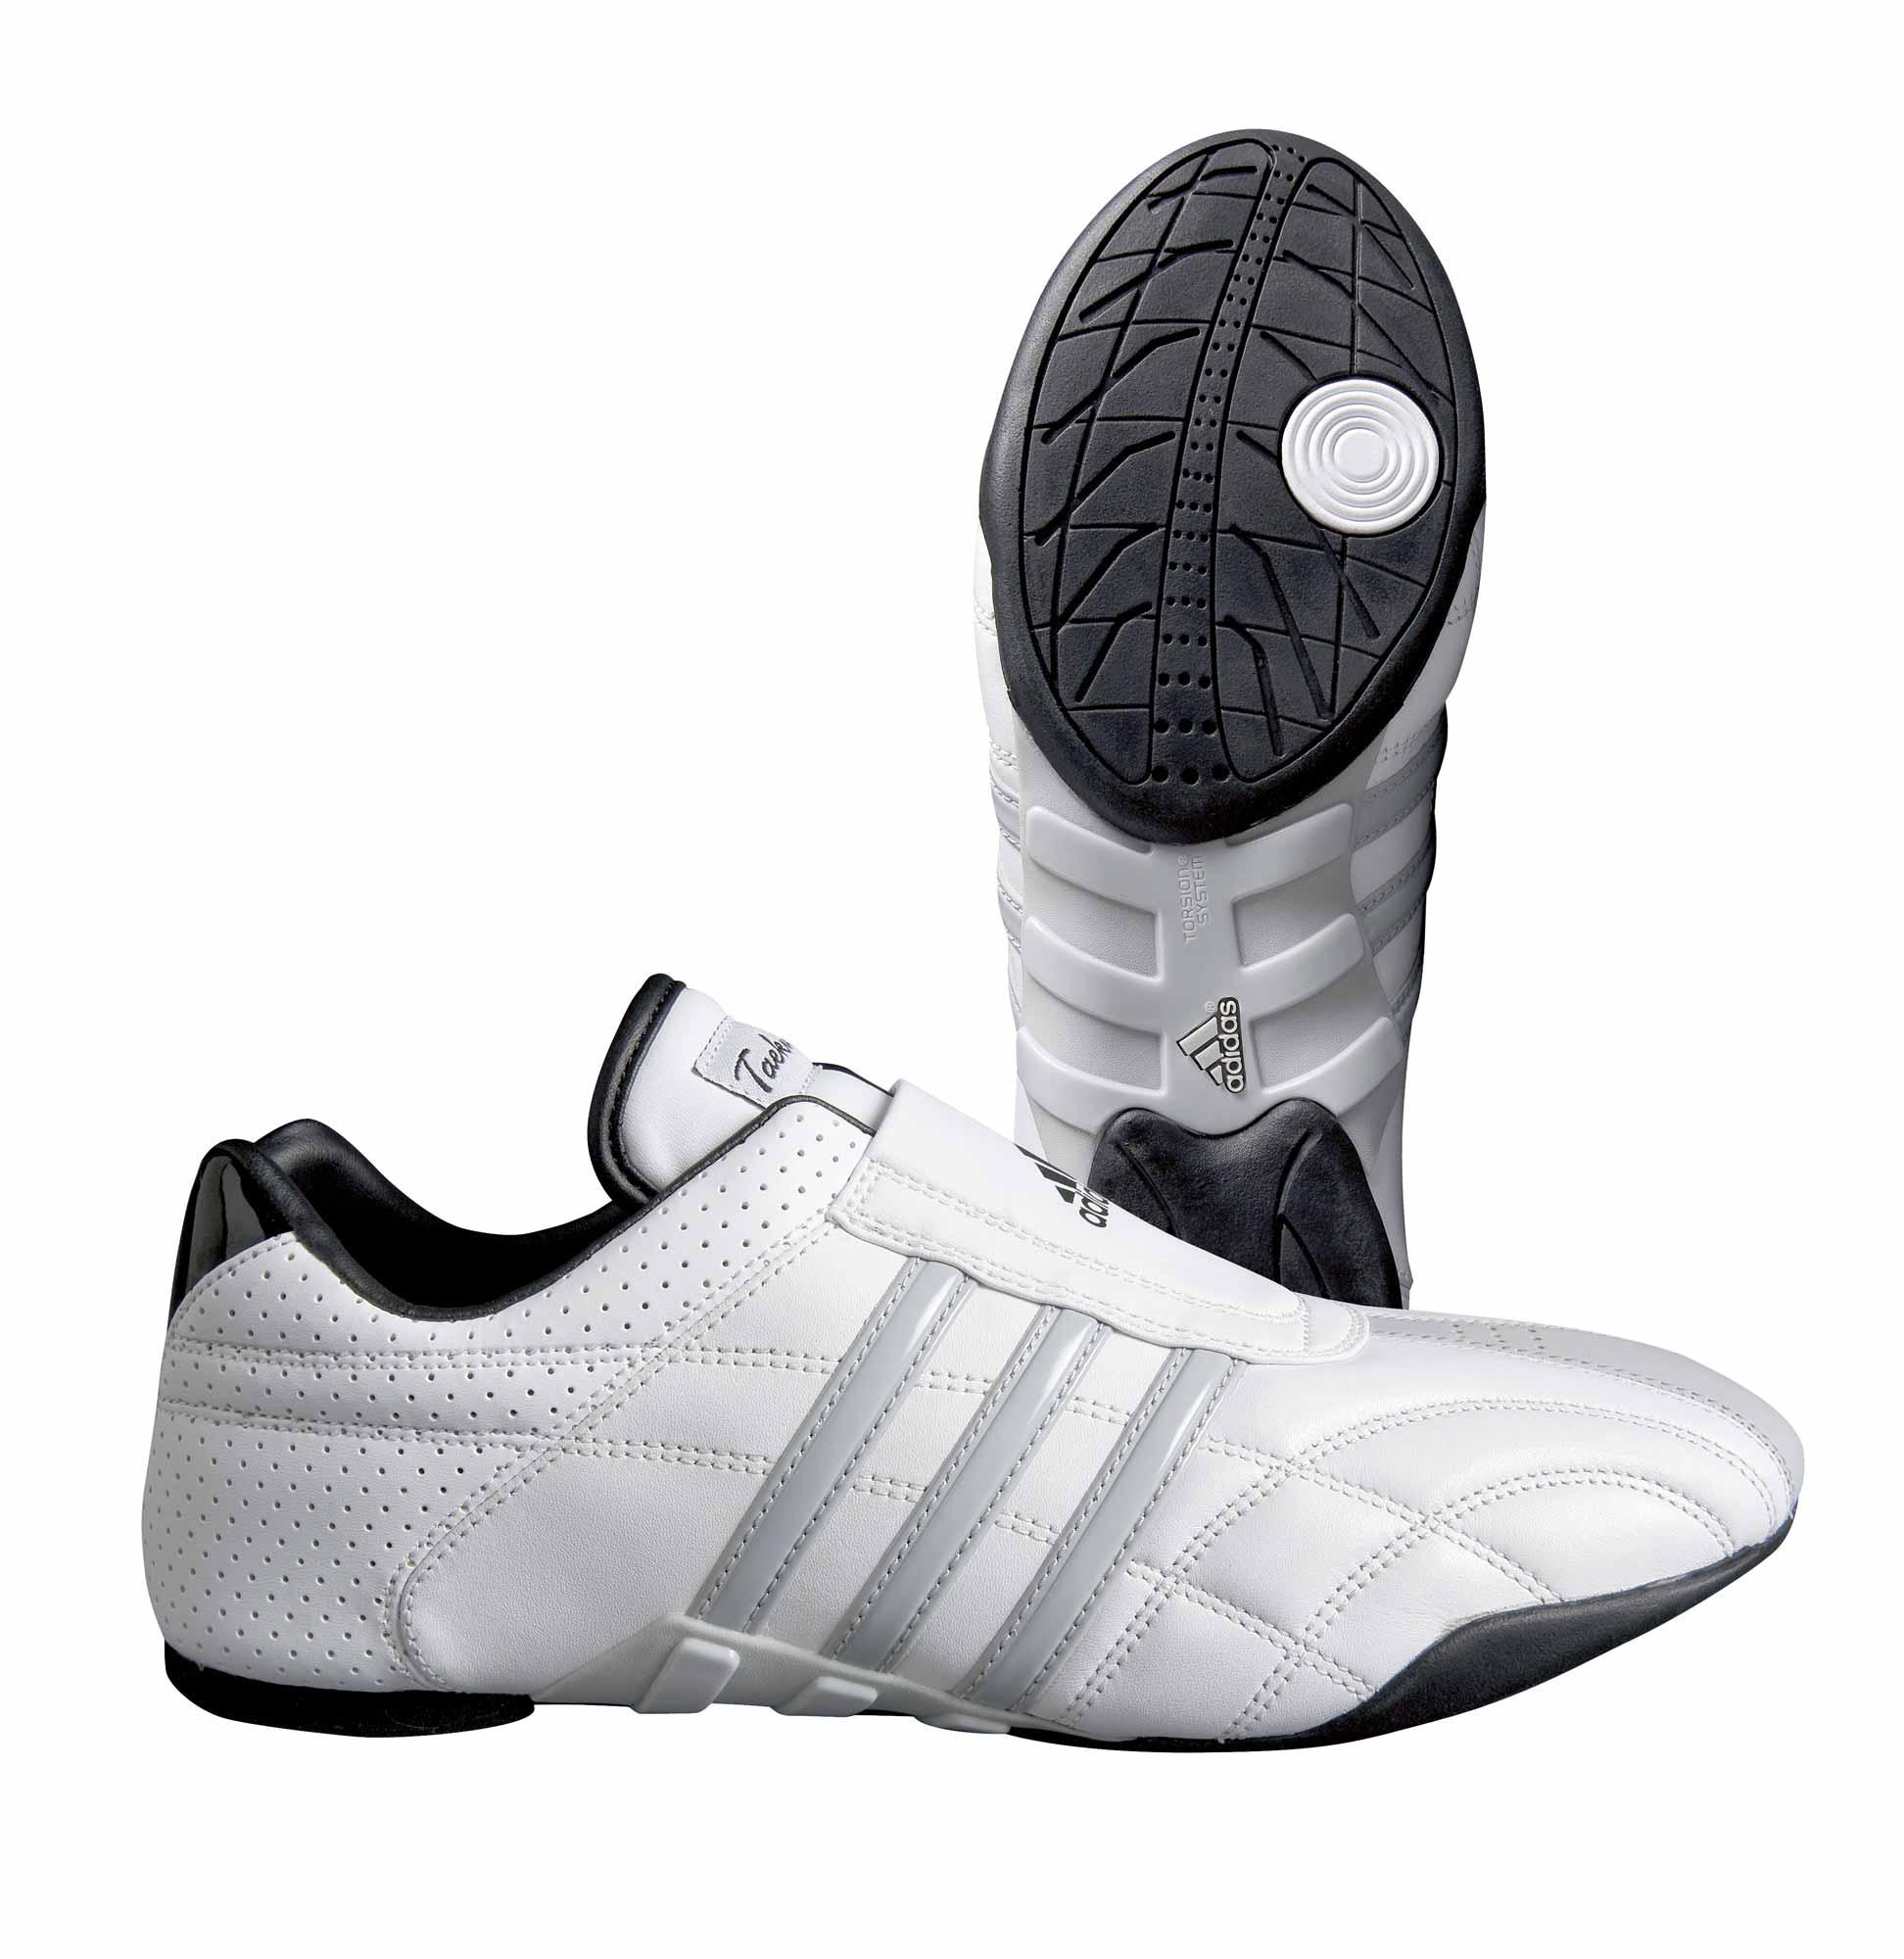 Grauen Streifen Adilux Weiß Adidas Mit qUSzLpMVG